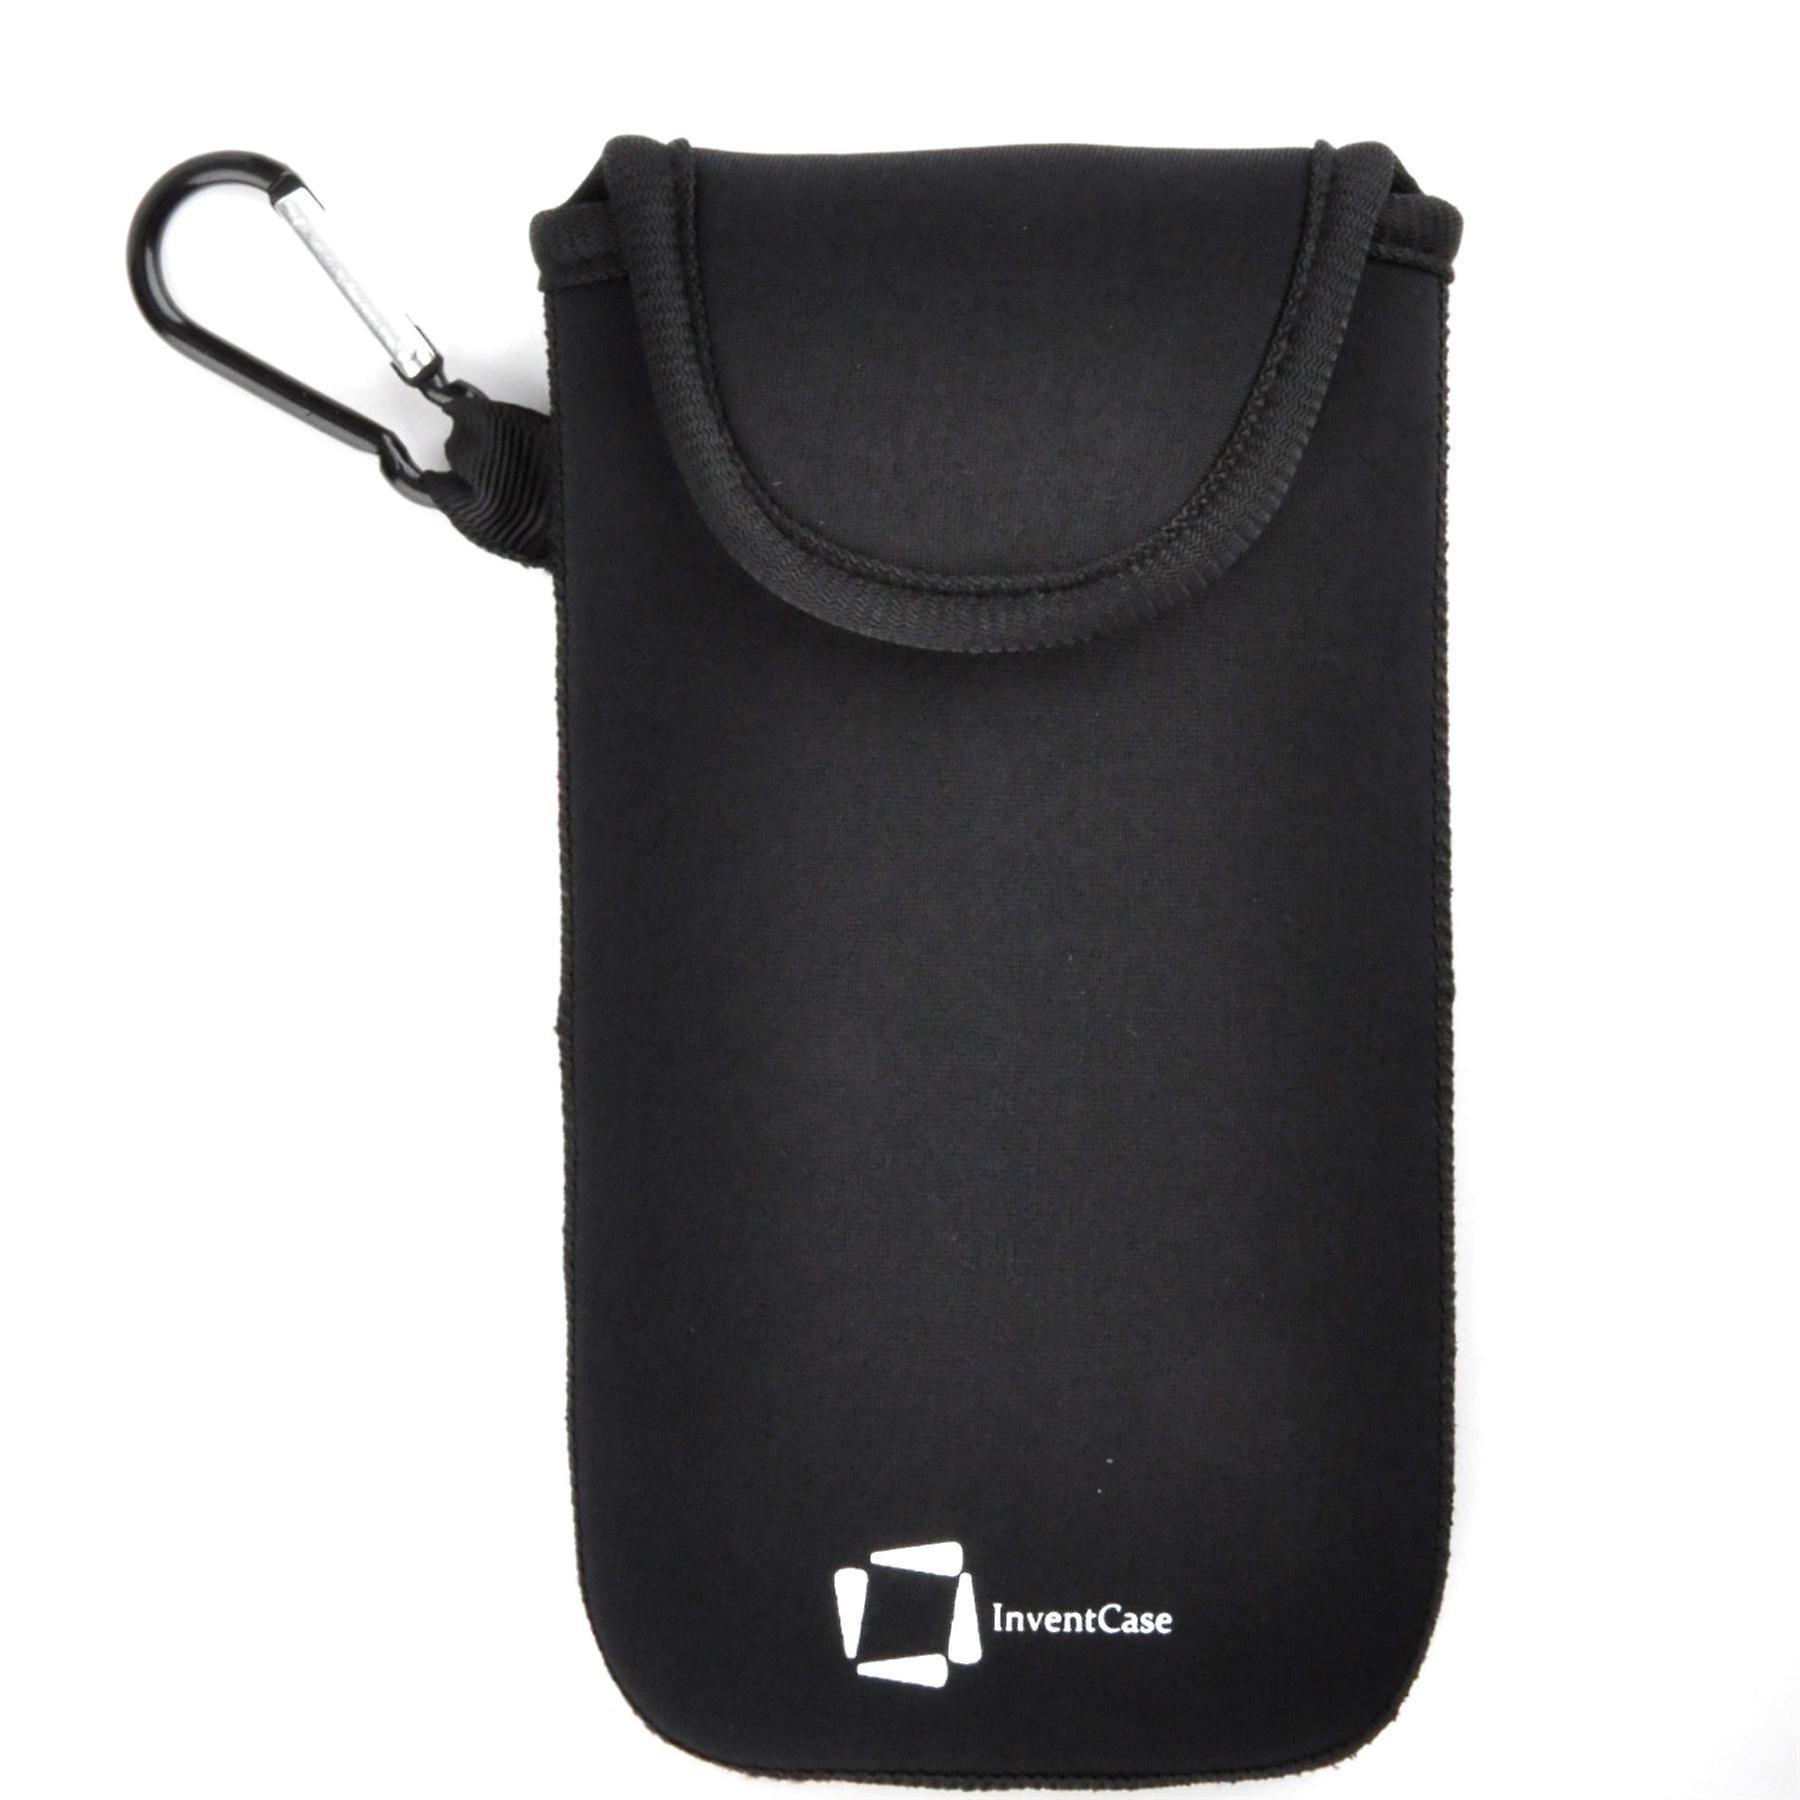 القضية الحقيبة واقية مقاومة لتأثير النيوبرين إينفينتكاسي تغطية حقيبة مع الإغلاق Velcro والألمنيوم Carabiner الشعلة بلاك بيري 9810-الأسود